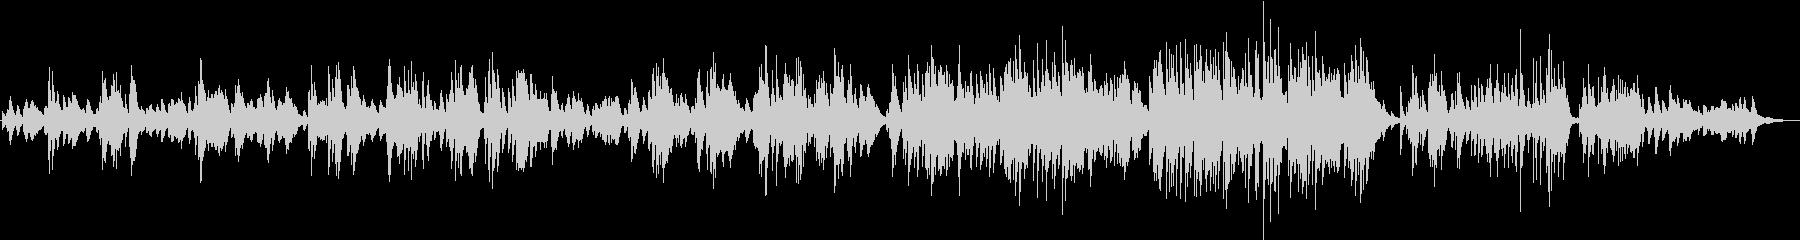 ロンドンデリーの歌のジャズピアノアレンジの未再生の波形